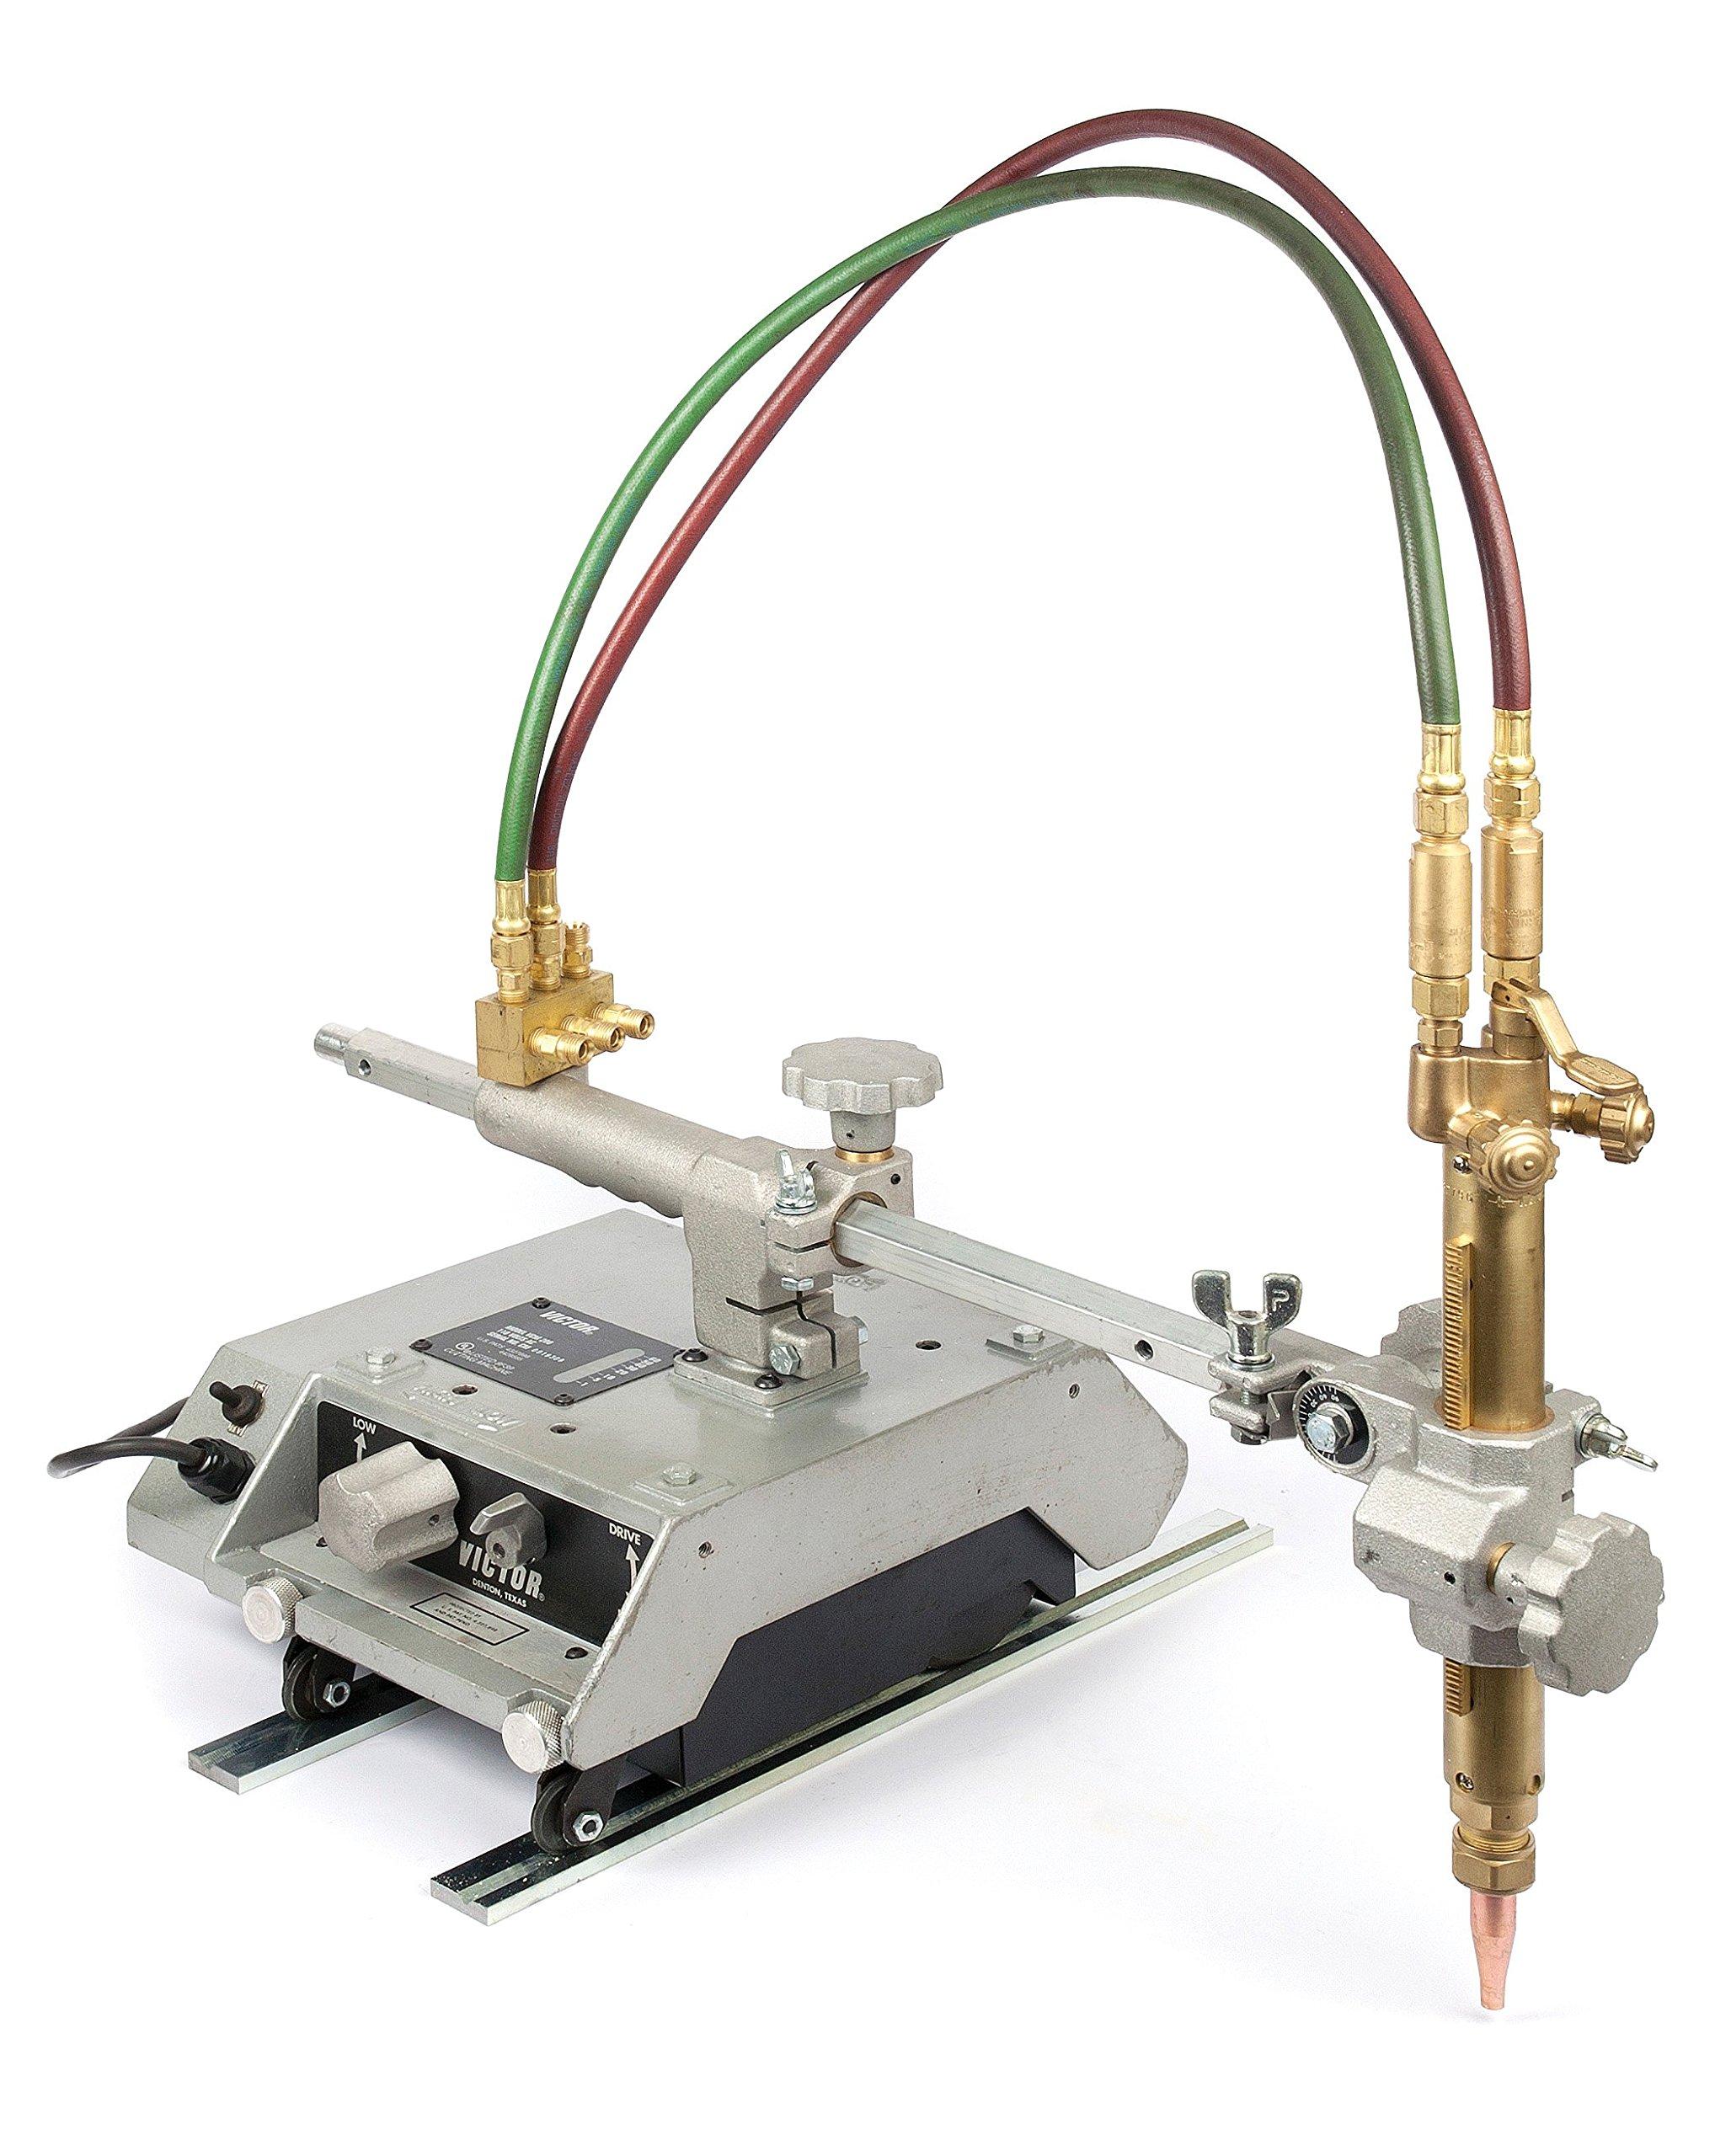 Victor_VCM 200E -200V_Portable gas Gutter